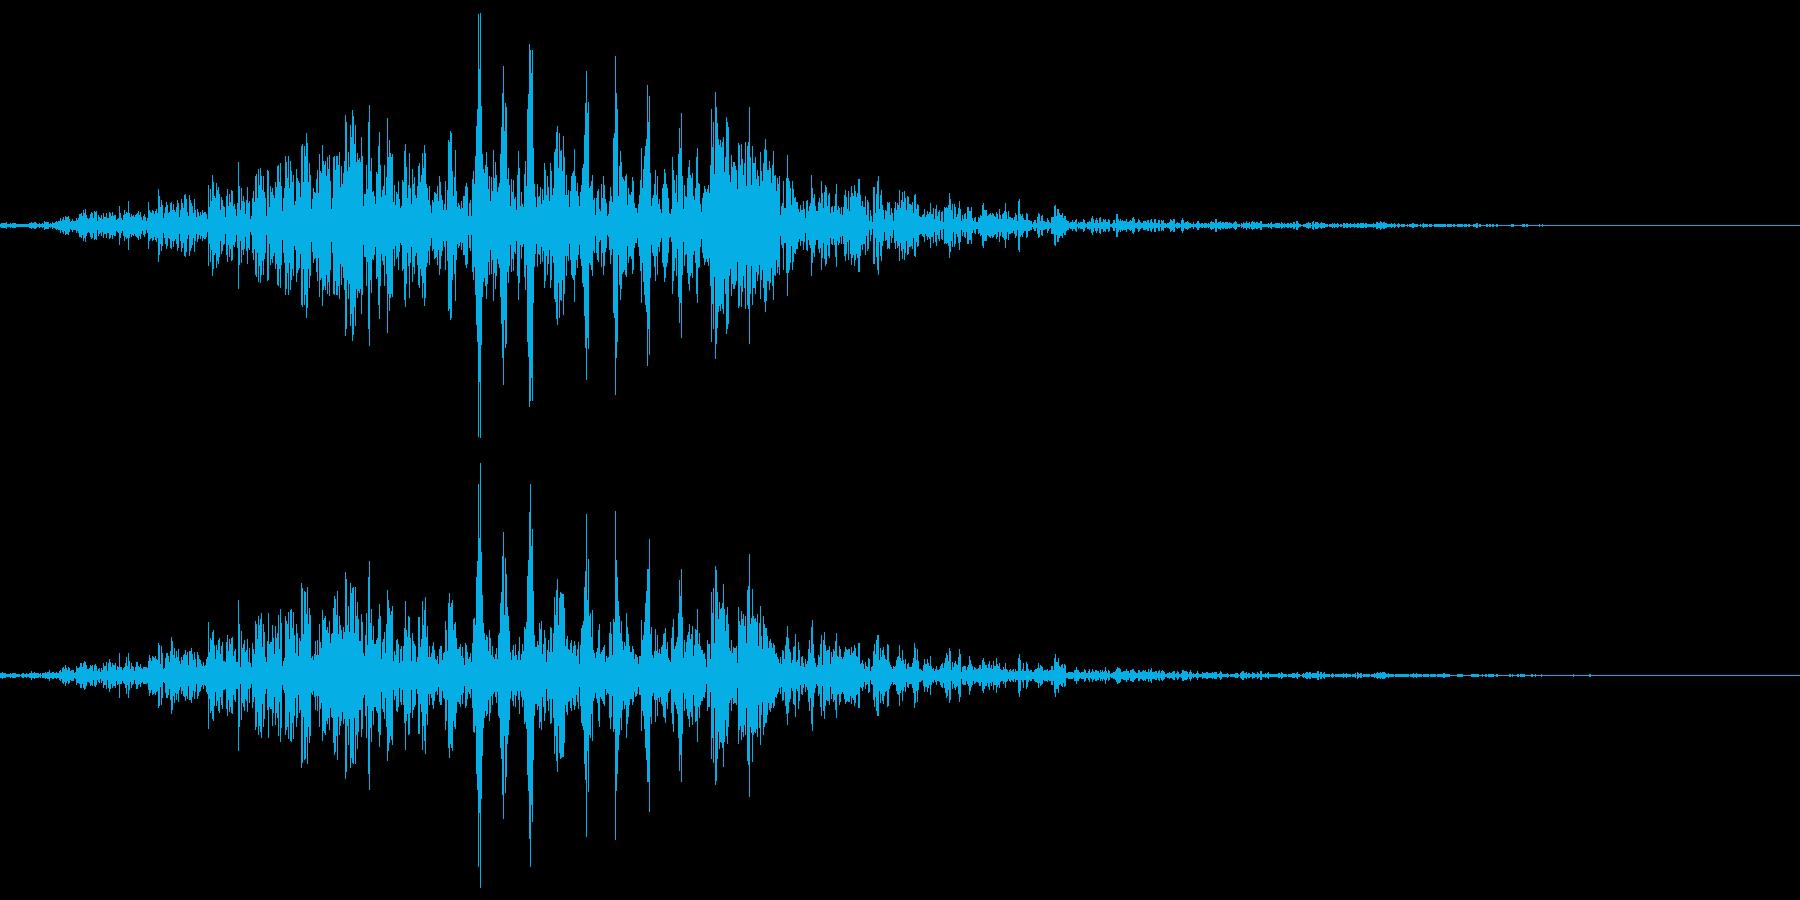 カエル、蛙の鳴き声(一鳴き) クアッの再生済みの波形